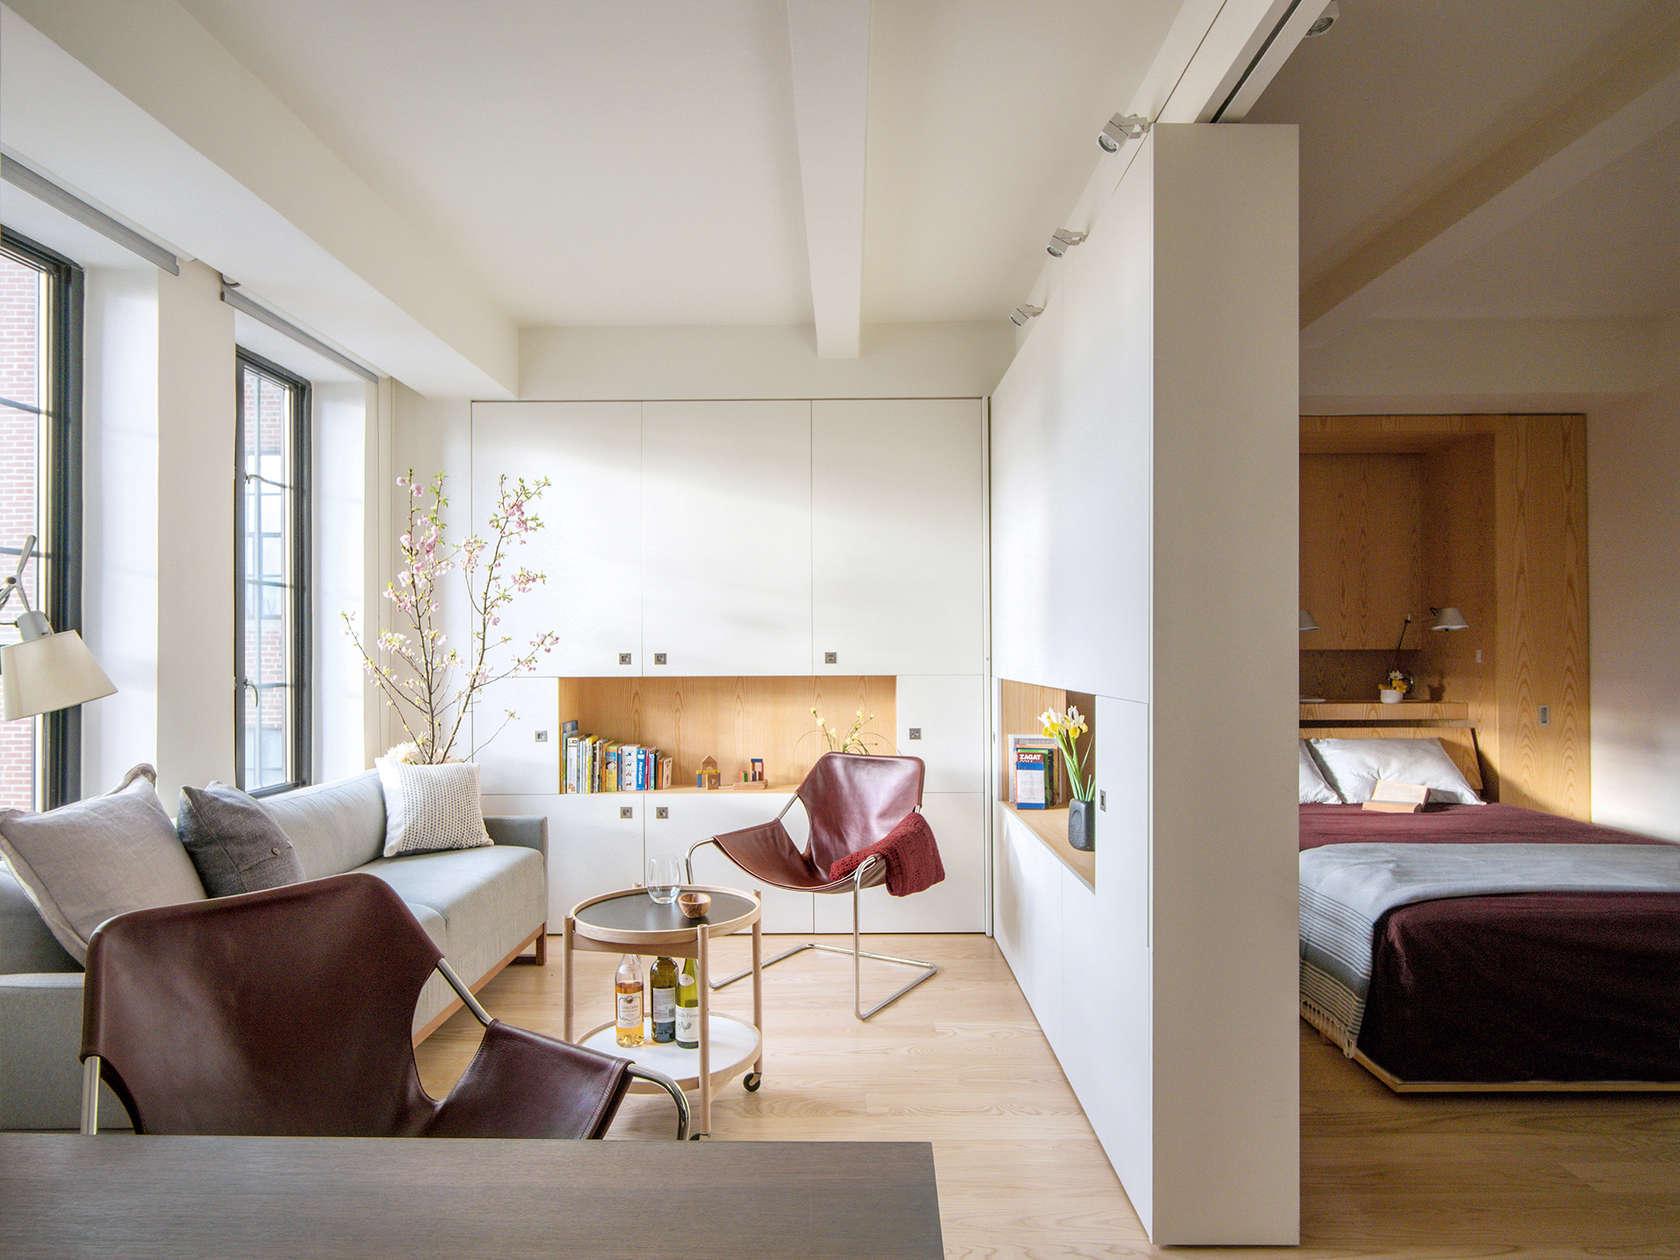 Спальня в однокомнатной квартире: советы профи об обустройстве (60 фото)